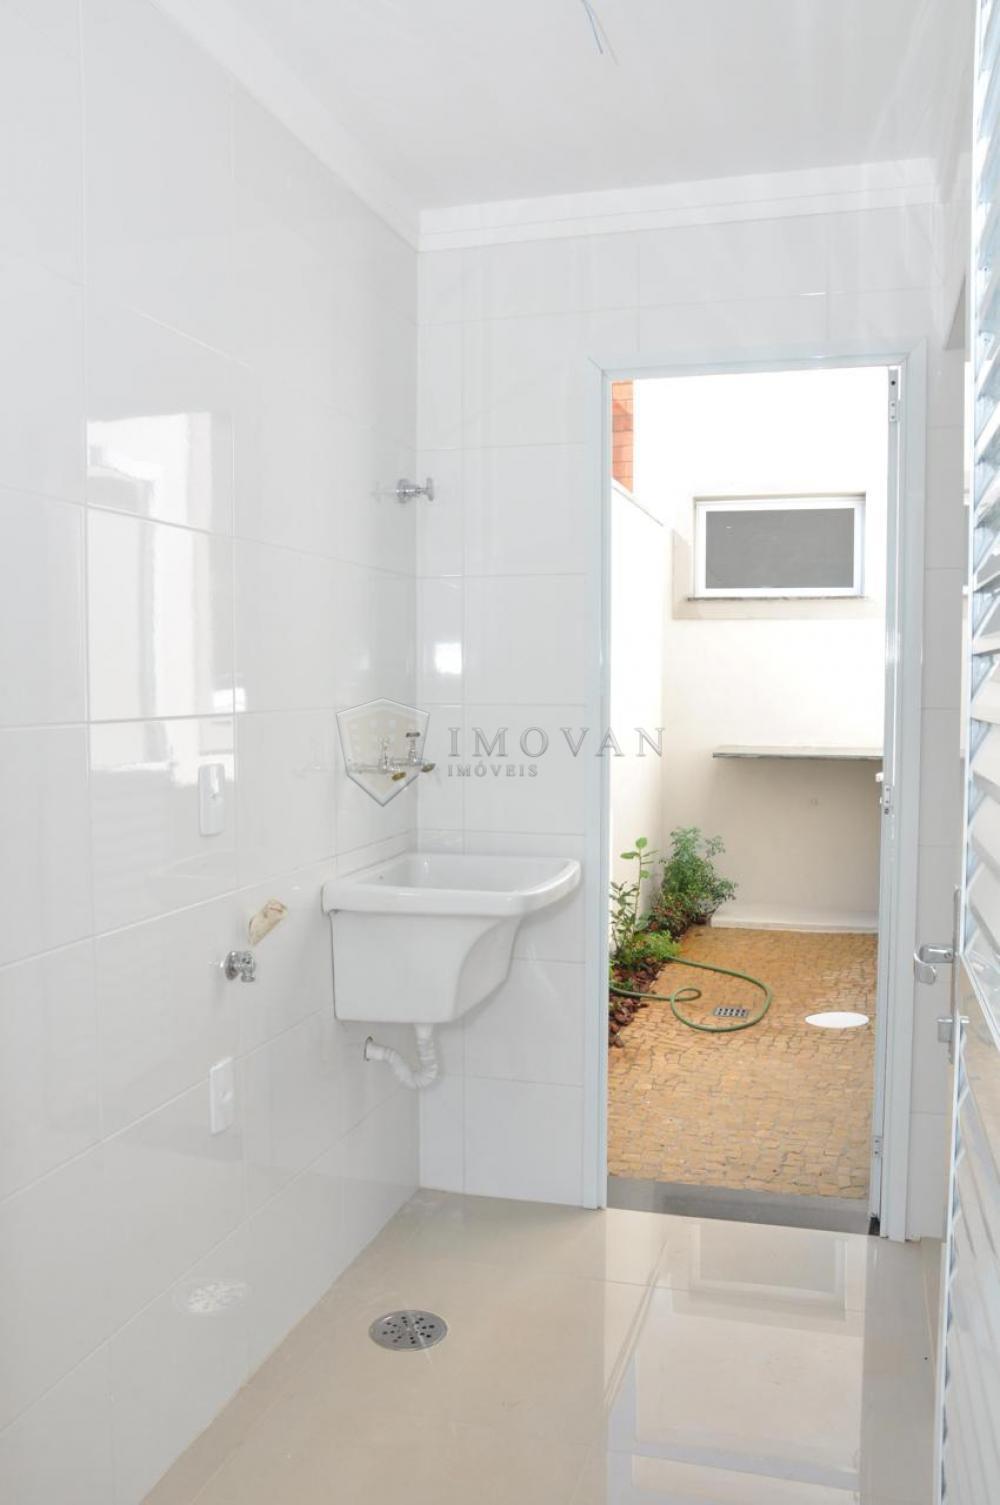 Comprar Casa / Condomínio em Bonfim Paulista apenas R$ 765.000,00 - Foto 12